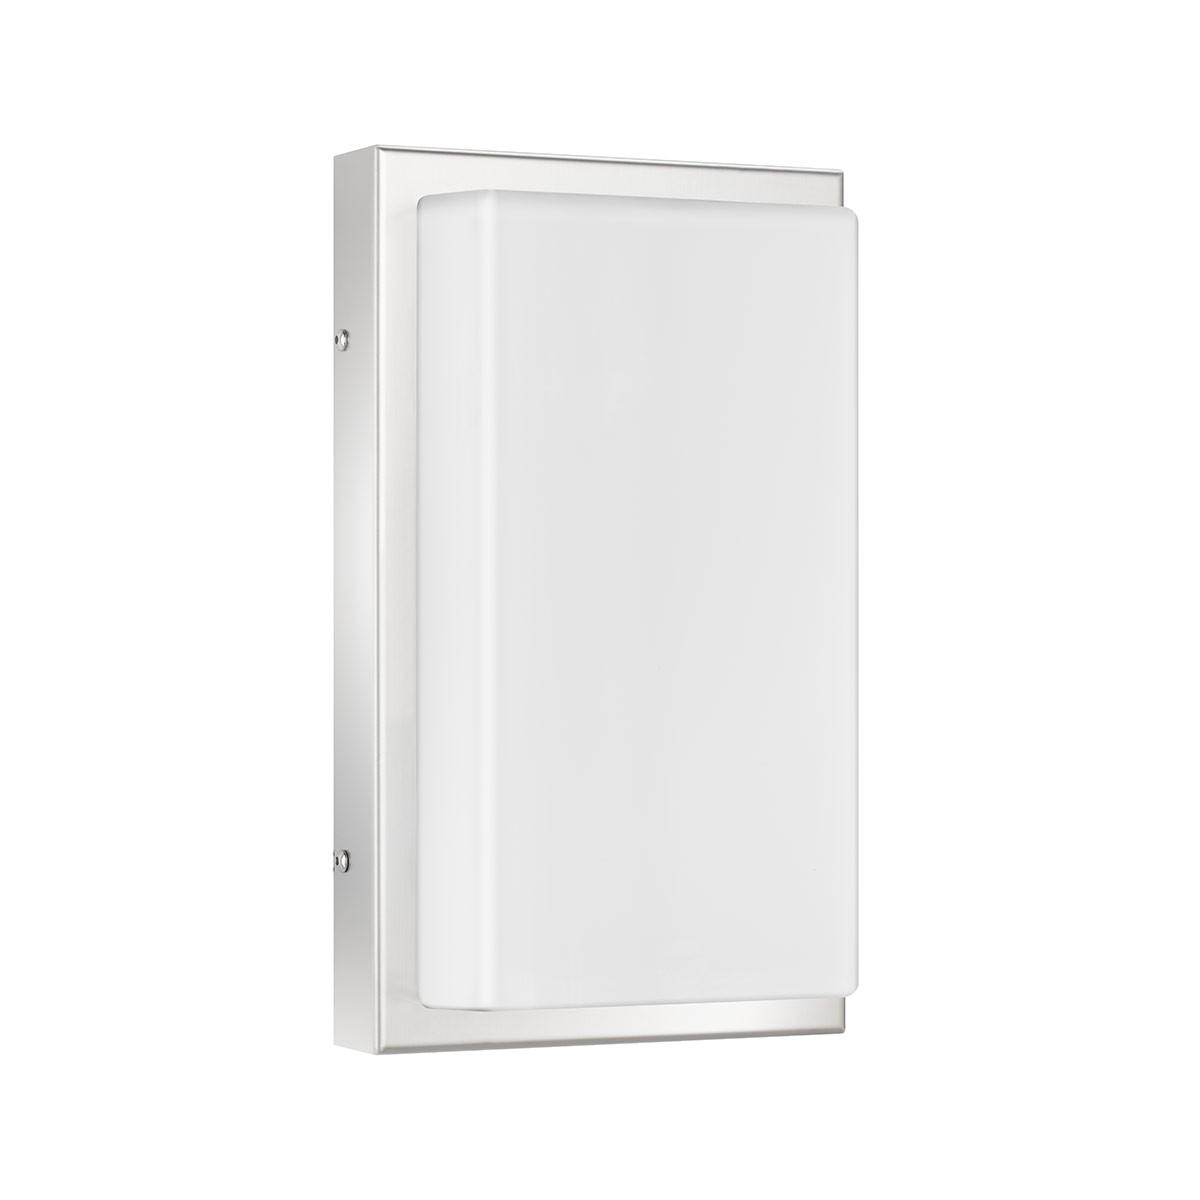 LCD Außenleuchten 048 Wandleuchte LED, Edelstahl, ohne Bewegungsmelder